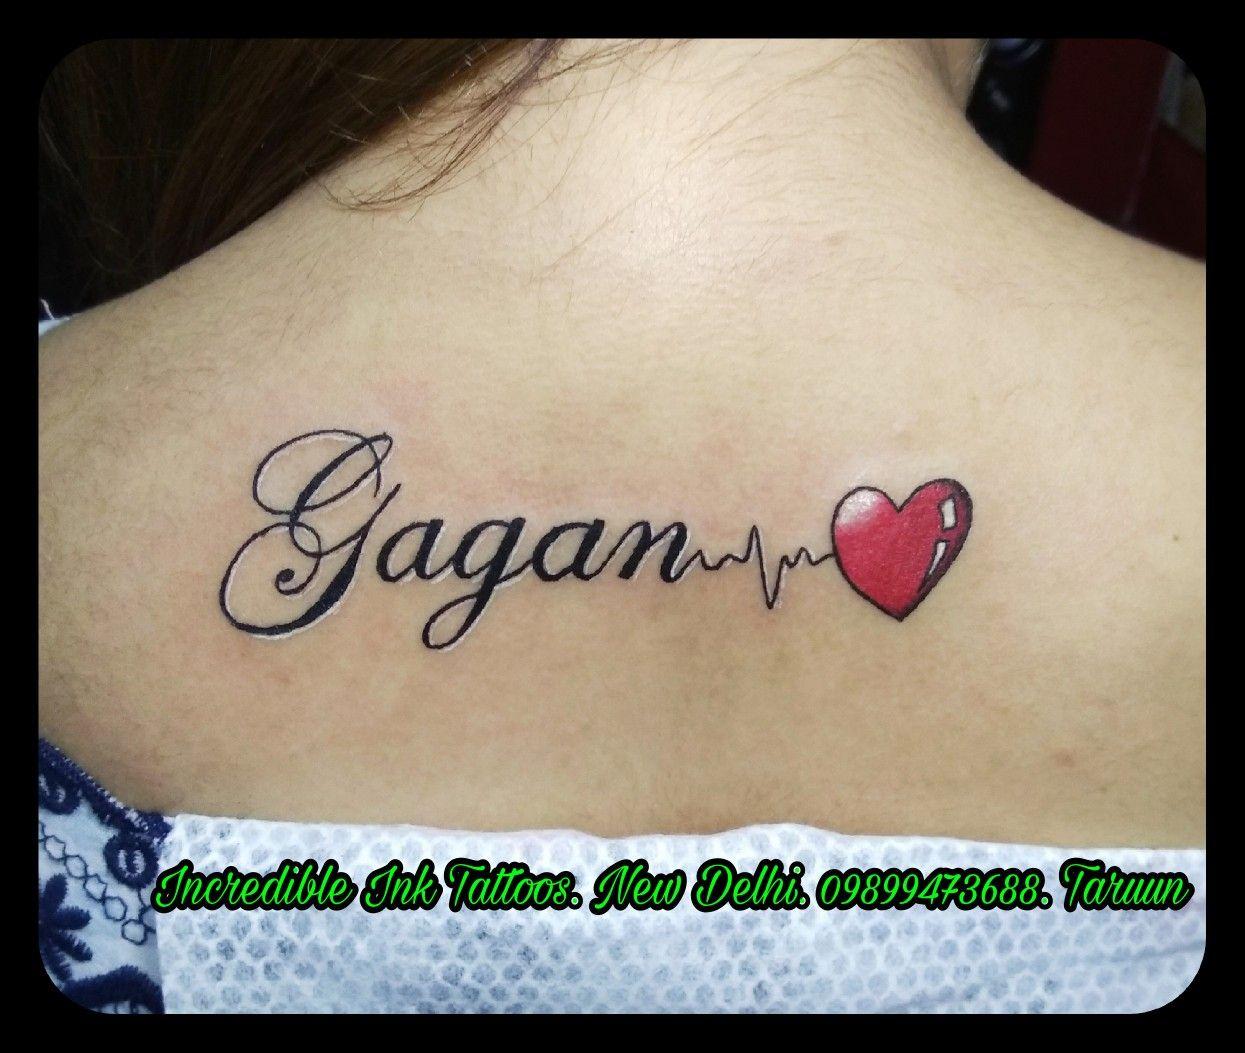 Gagan Name Heartbeat Tattoo Gagan Name Heartbeat Tattoos Call Whatsapp 09899473688 Heartbeat Tattoo Tattoos Name Tattoos